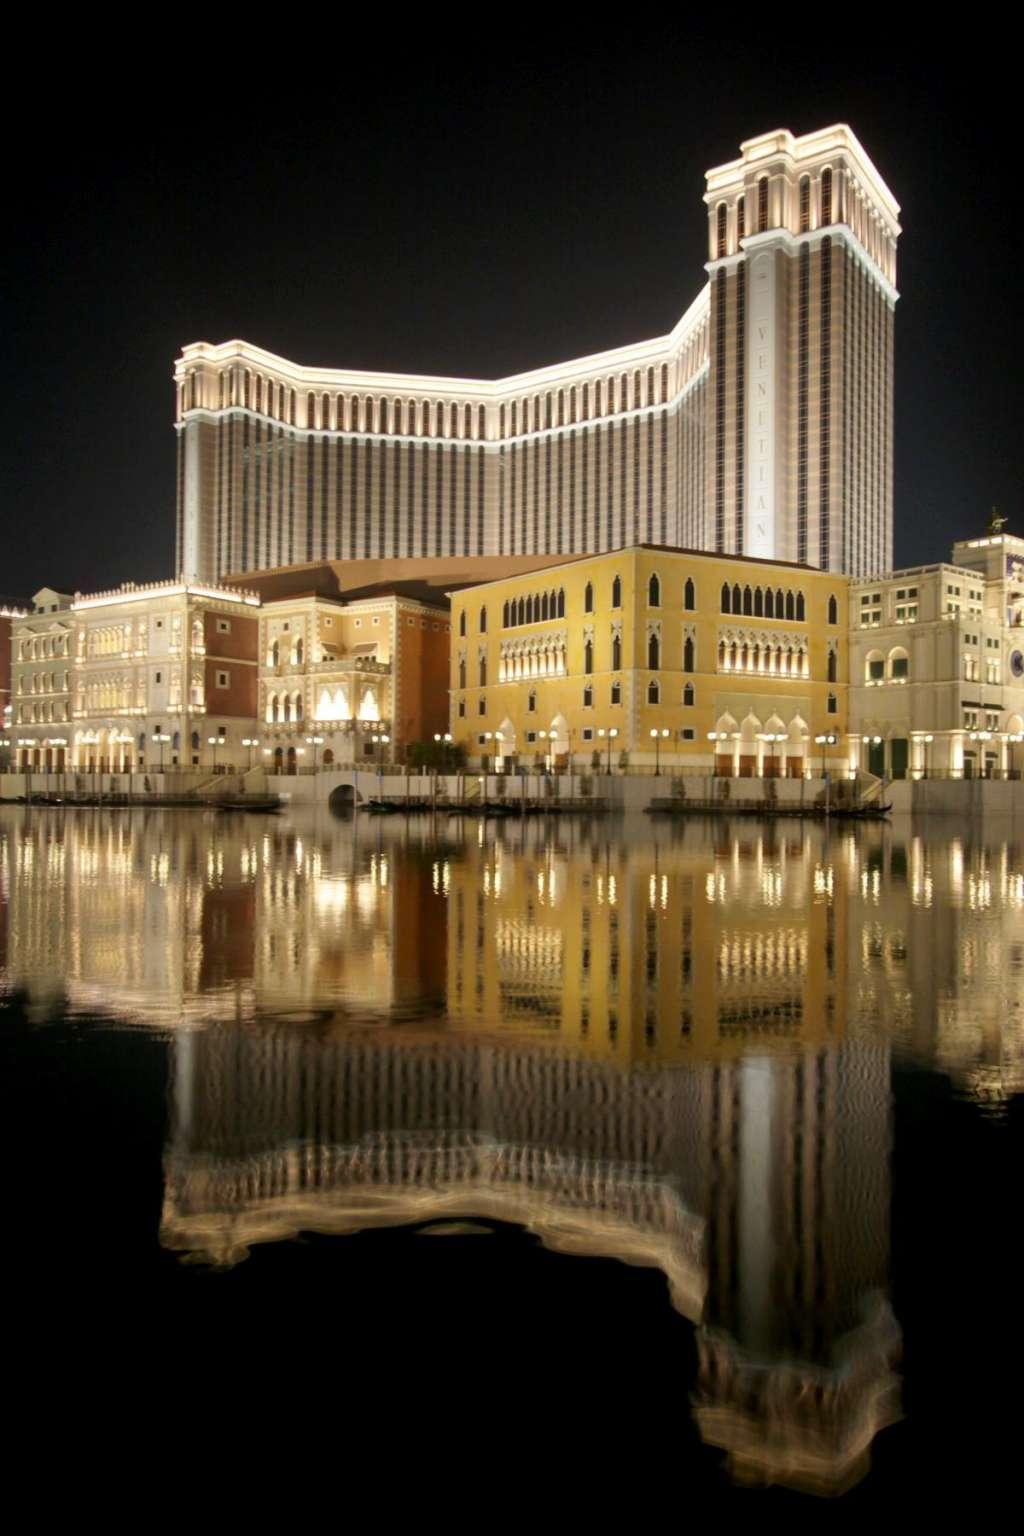 imagestop-casino-lasvegas-69.jpg